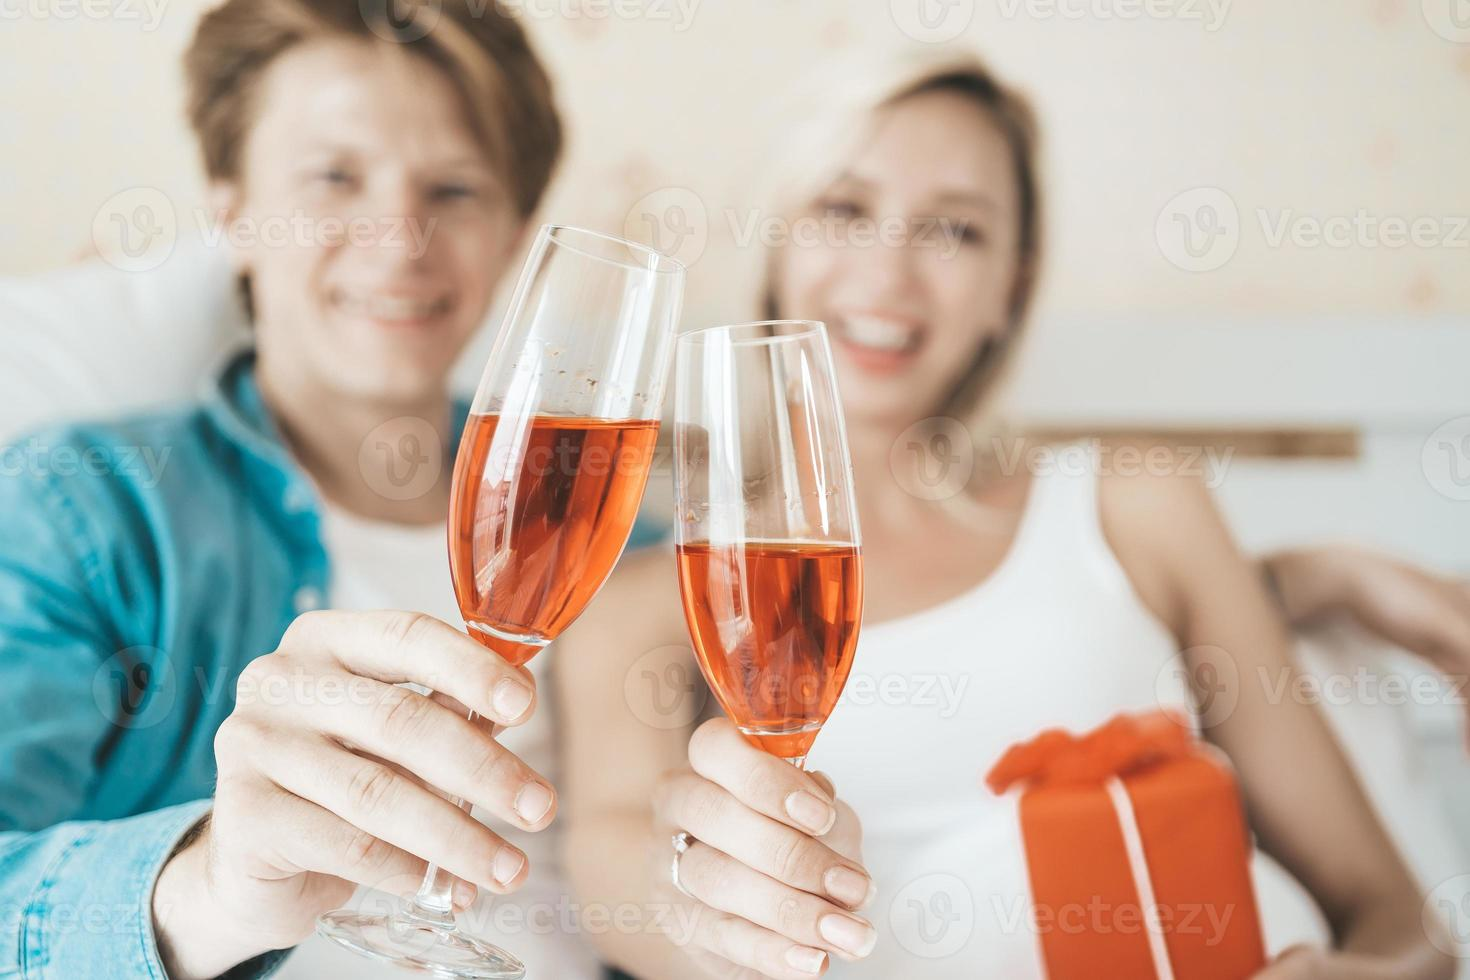 coppia felice che beve vino in camera da letto foto